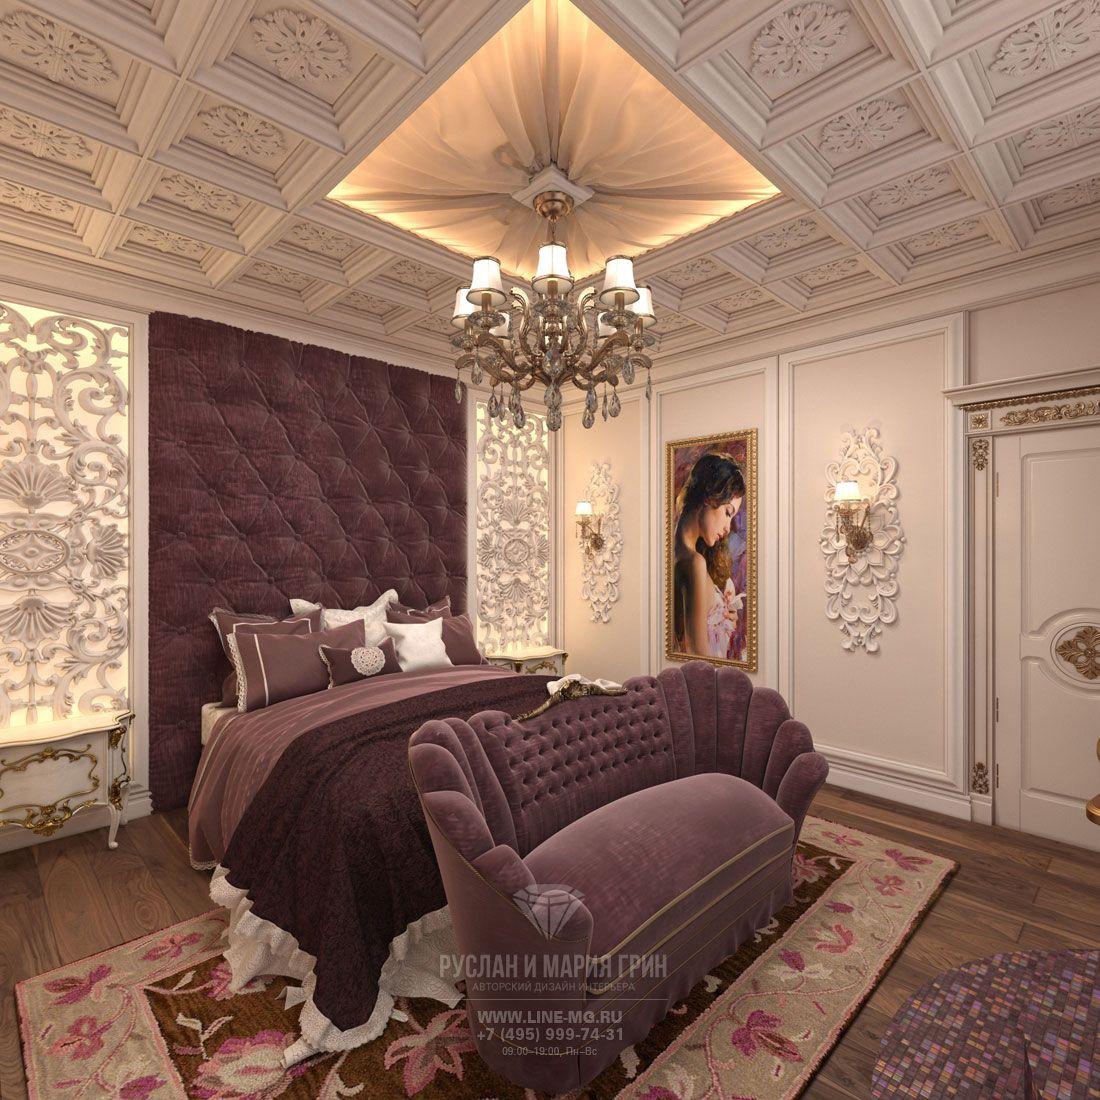 Master bedroom bedroom ceiling decor  Дизайн спальни Фото  Современные идеи интерьеров